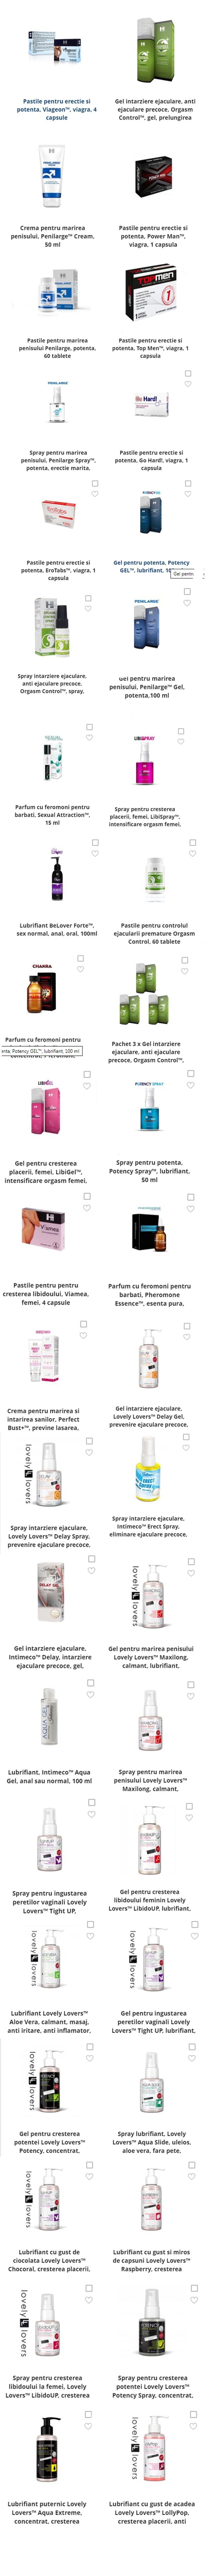 Pilule pentru mărirea penisului - Clasamentul produselor